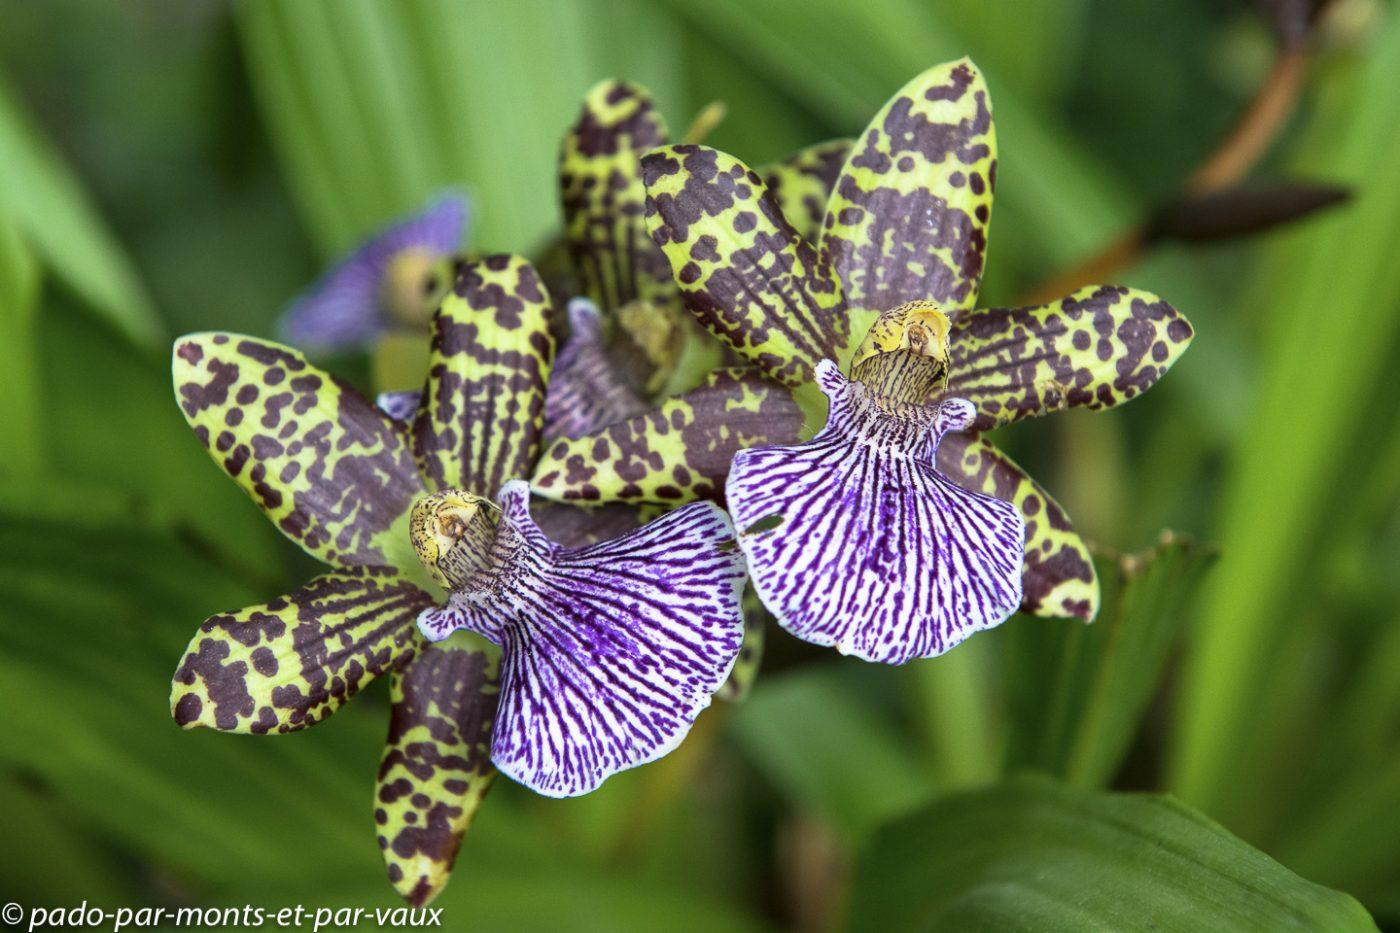 Jardin des plantes - Paris - exposition orchidées